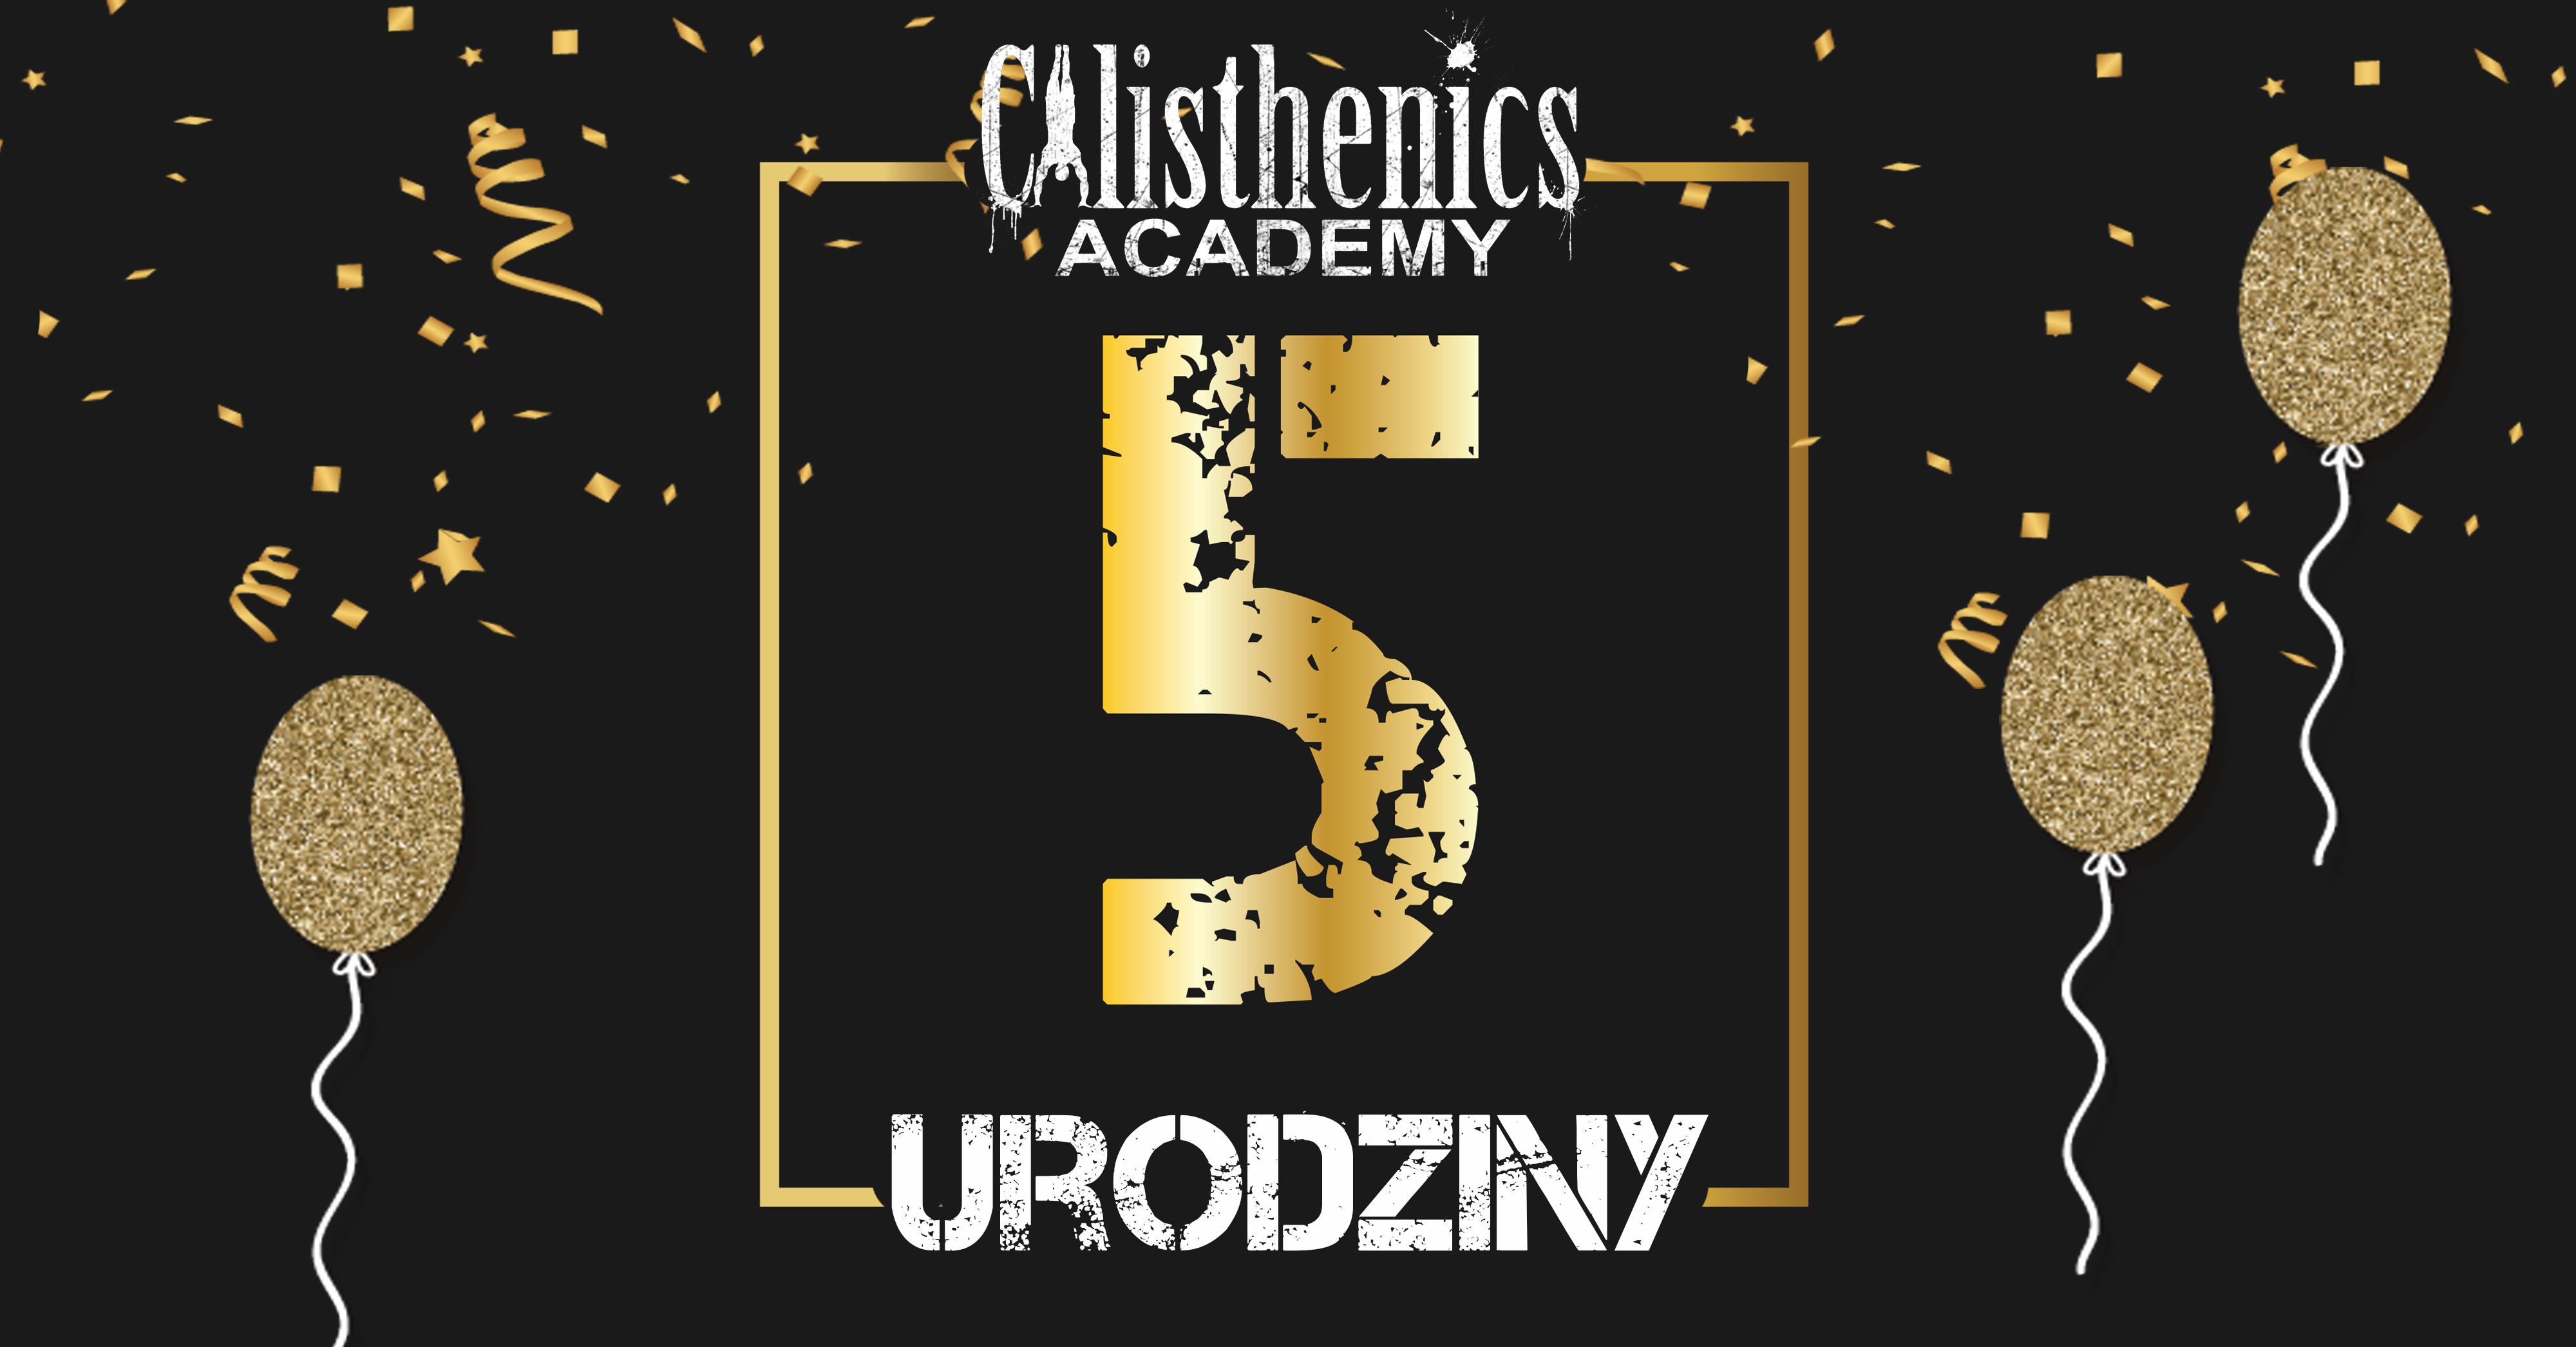 5 urodziny Calisthenics Academy